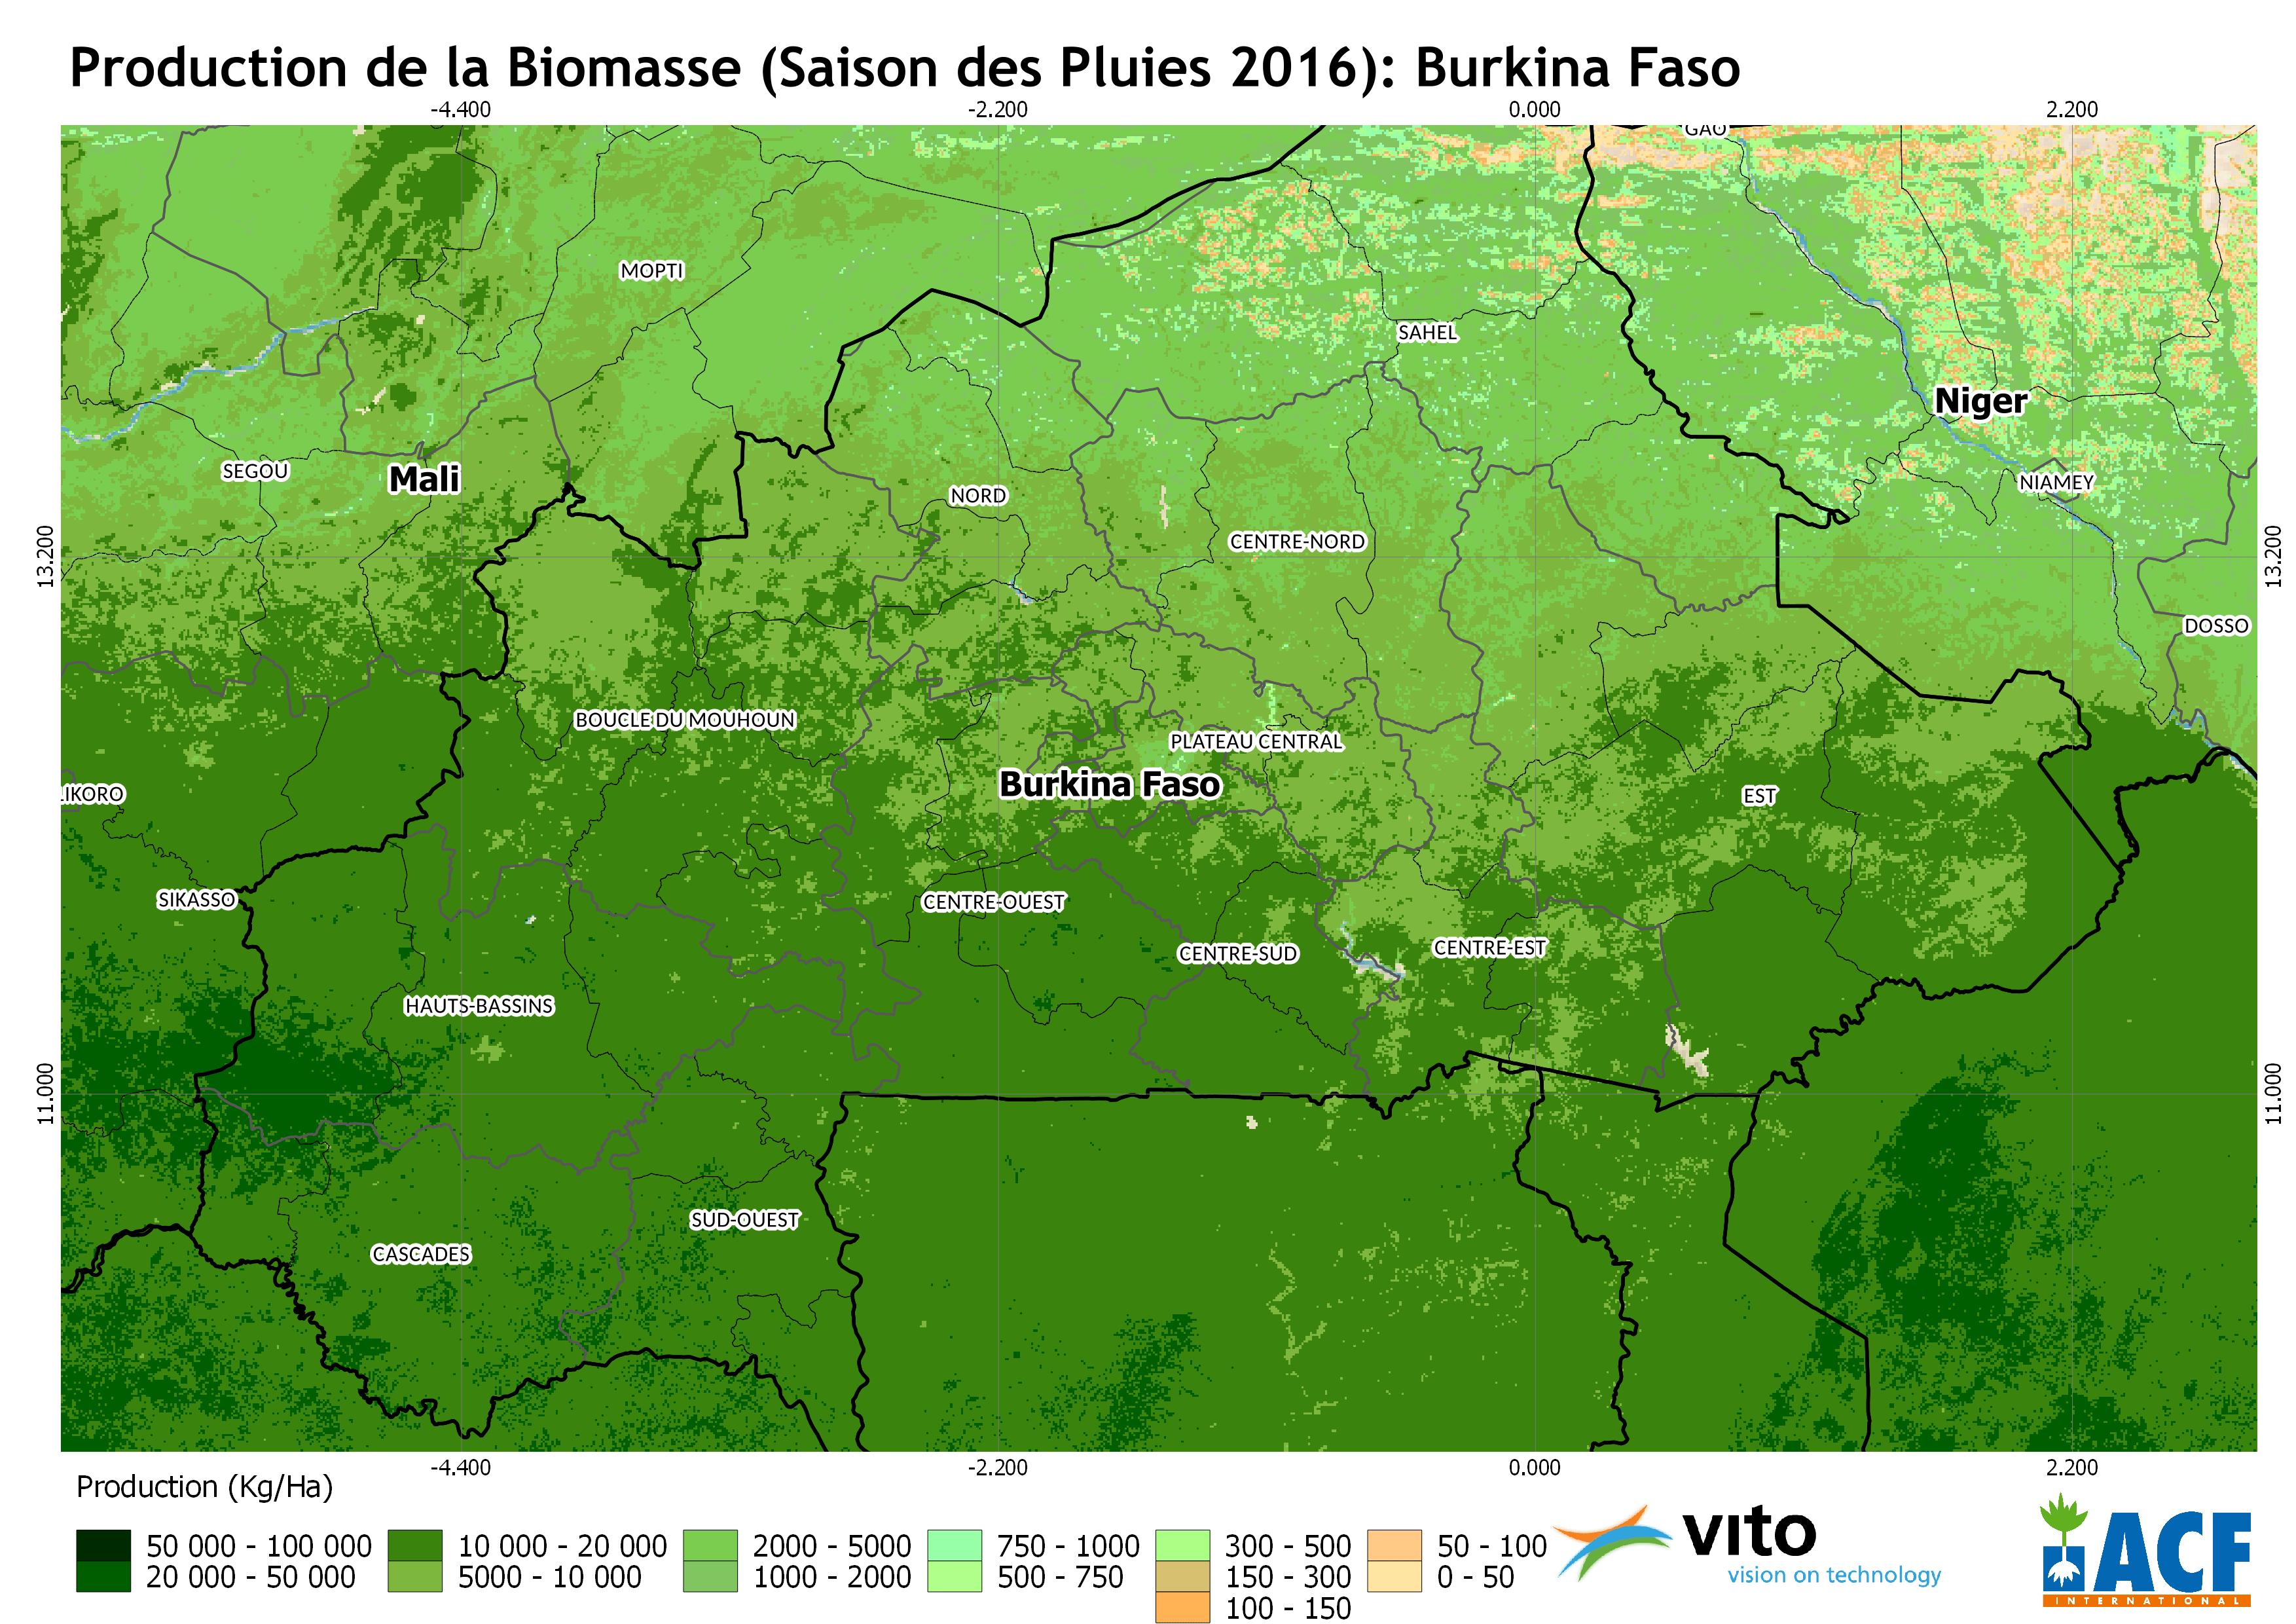 Production de la Biomasse en Kg/ha 2016